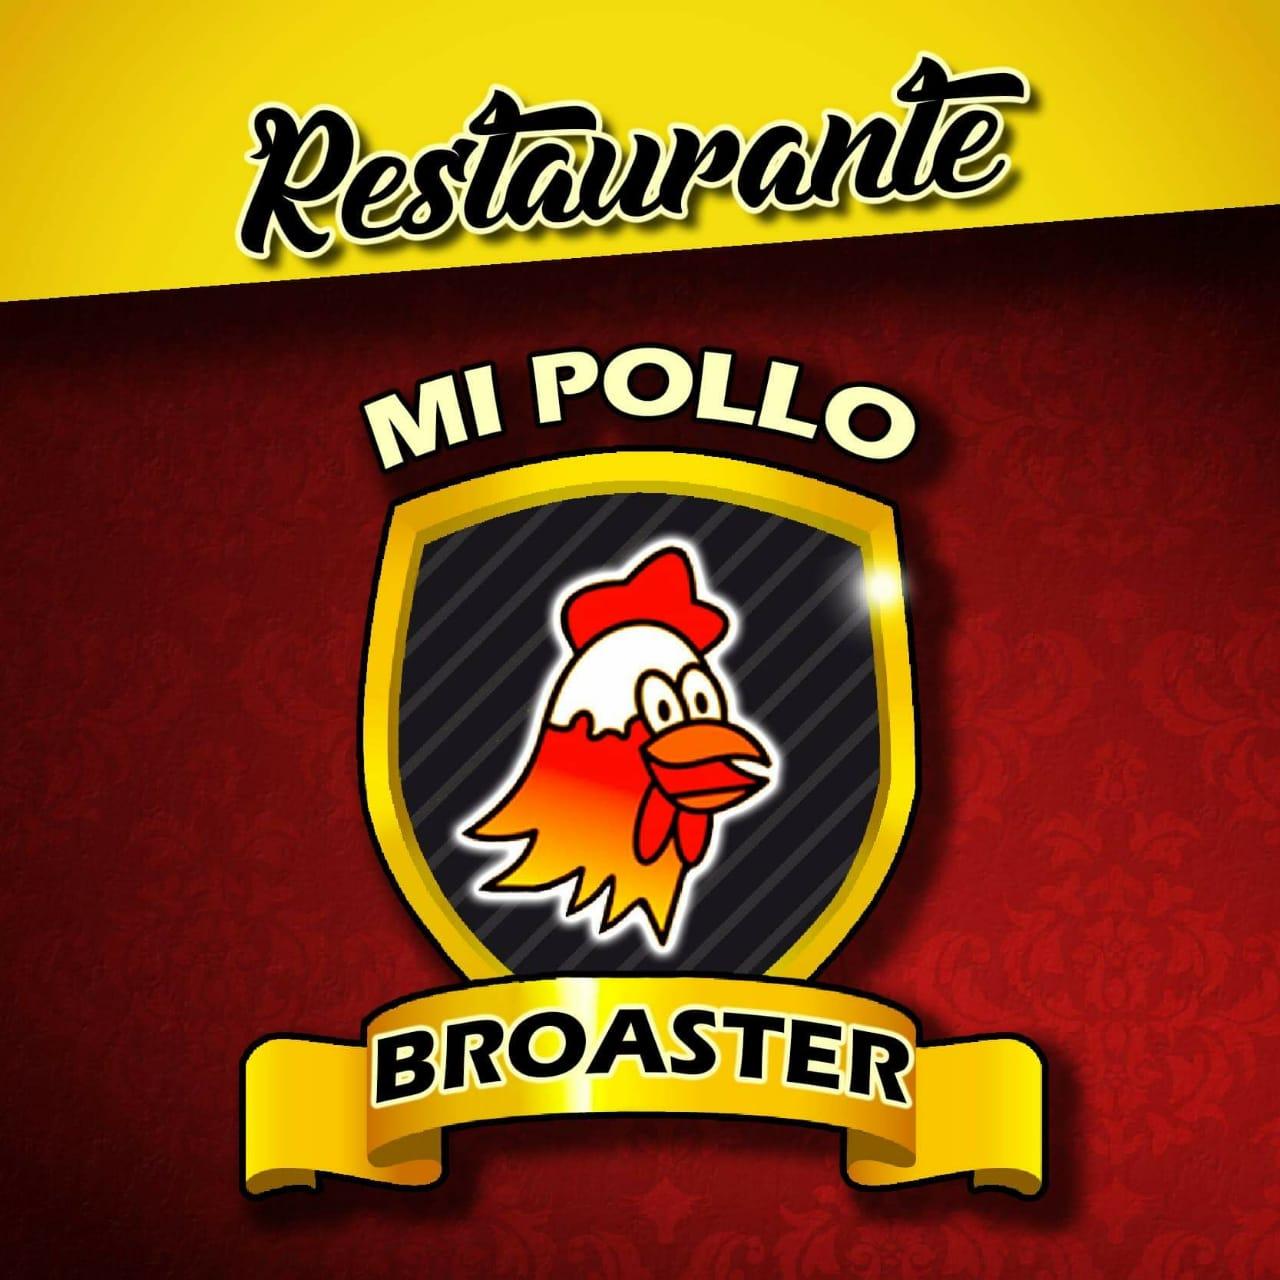 Mi Pollo Broaster